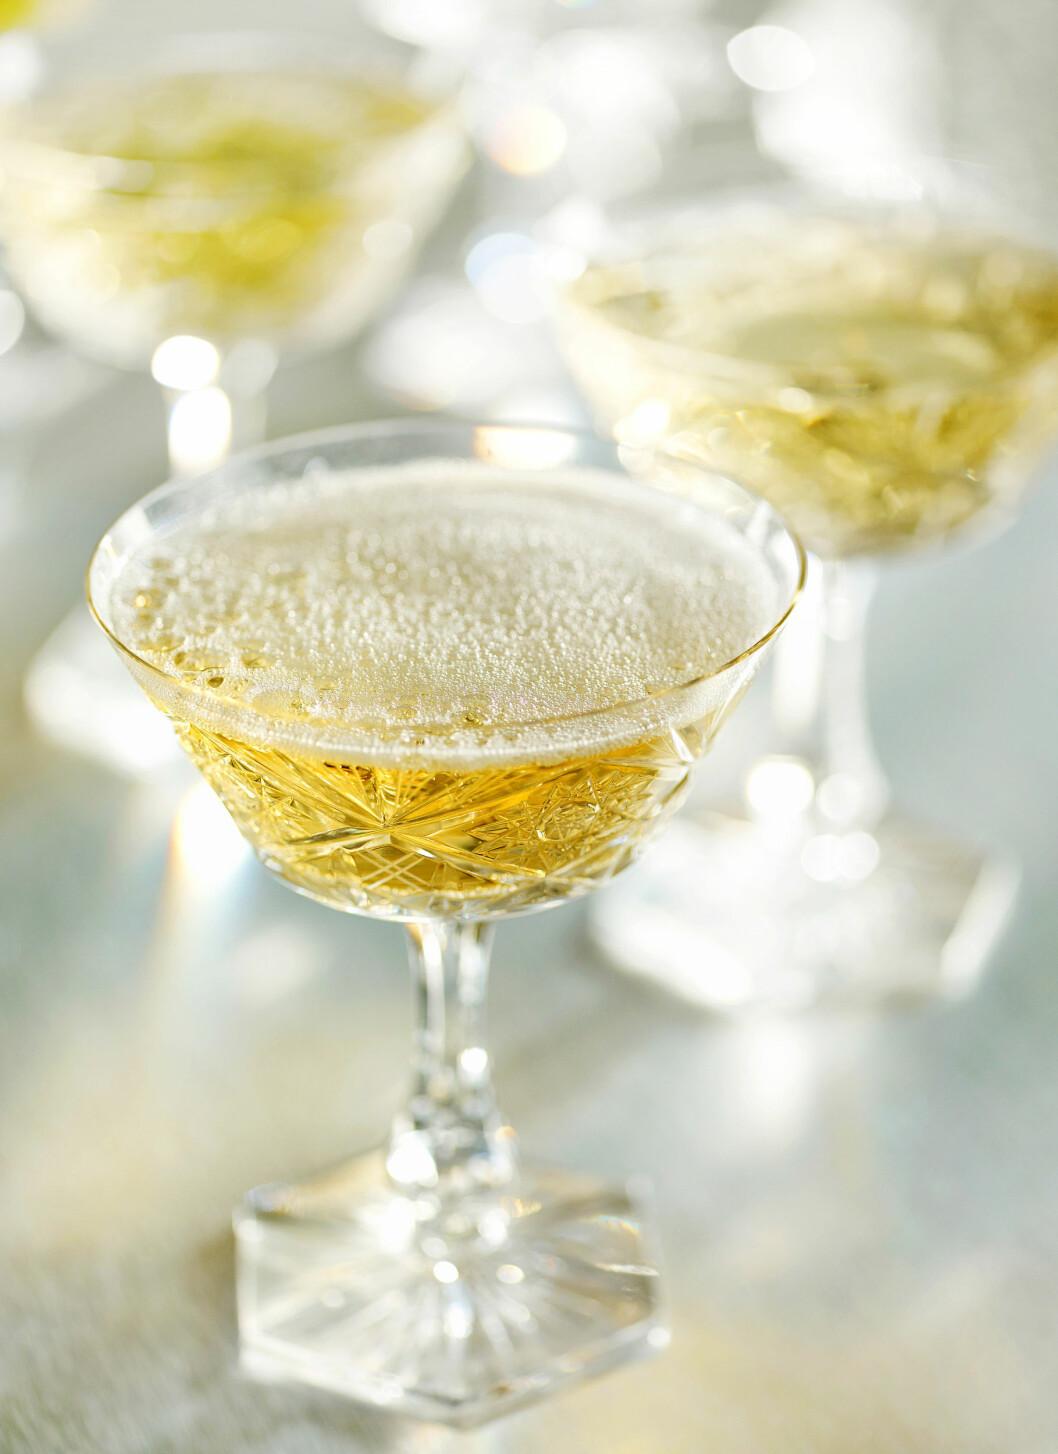 HOLDER LENGER: Boblene i champagne og musserende vin holder oksygenet på avstand og gjør at disse drikkene holder lenger enn vanlig vin.  Foto: Mara Zemgaliete - Fotolia